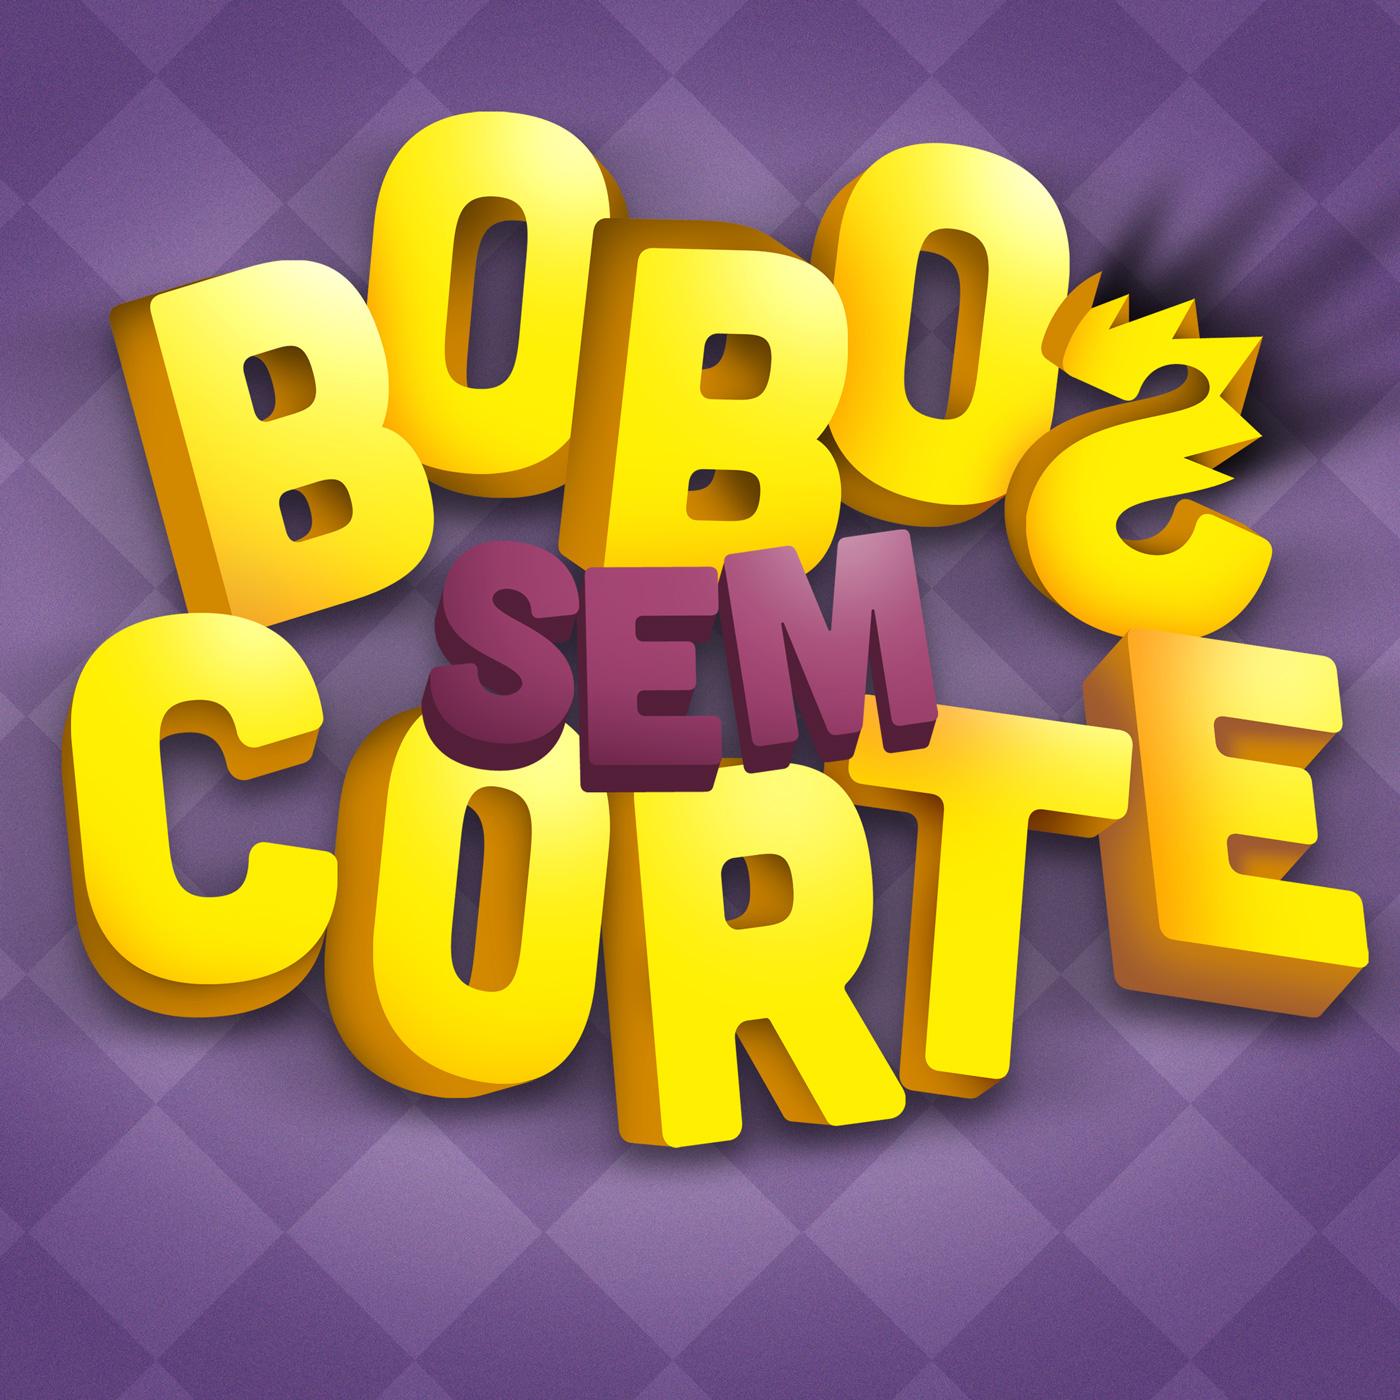 Bobos Sem Corte - O melhor podcast de humor do Brasil